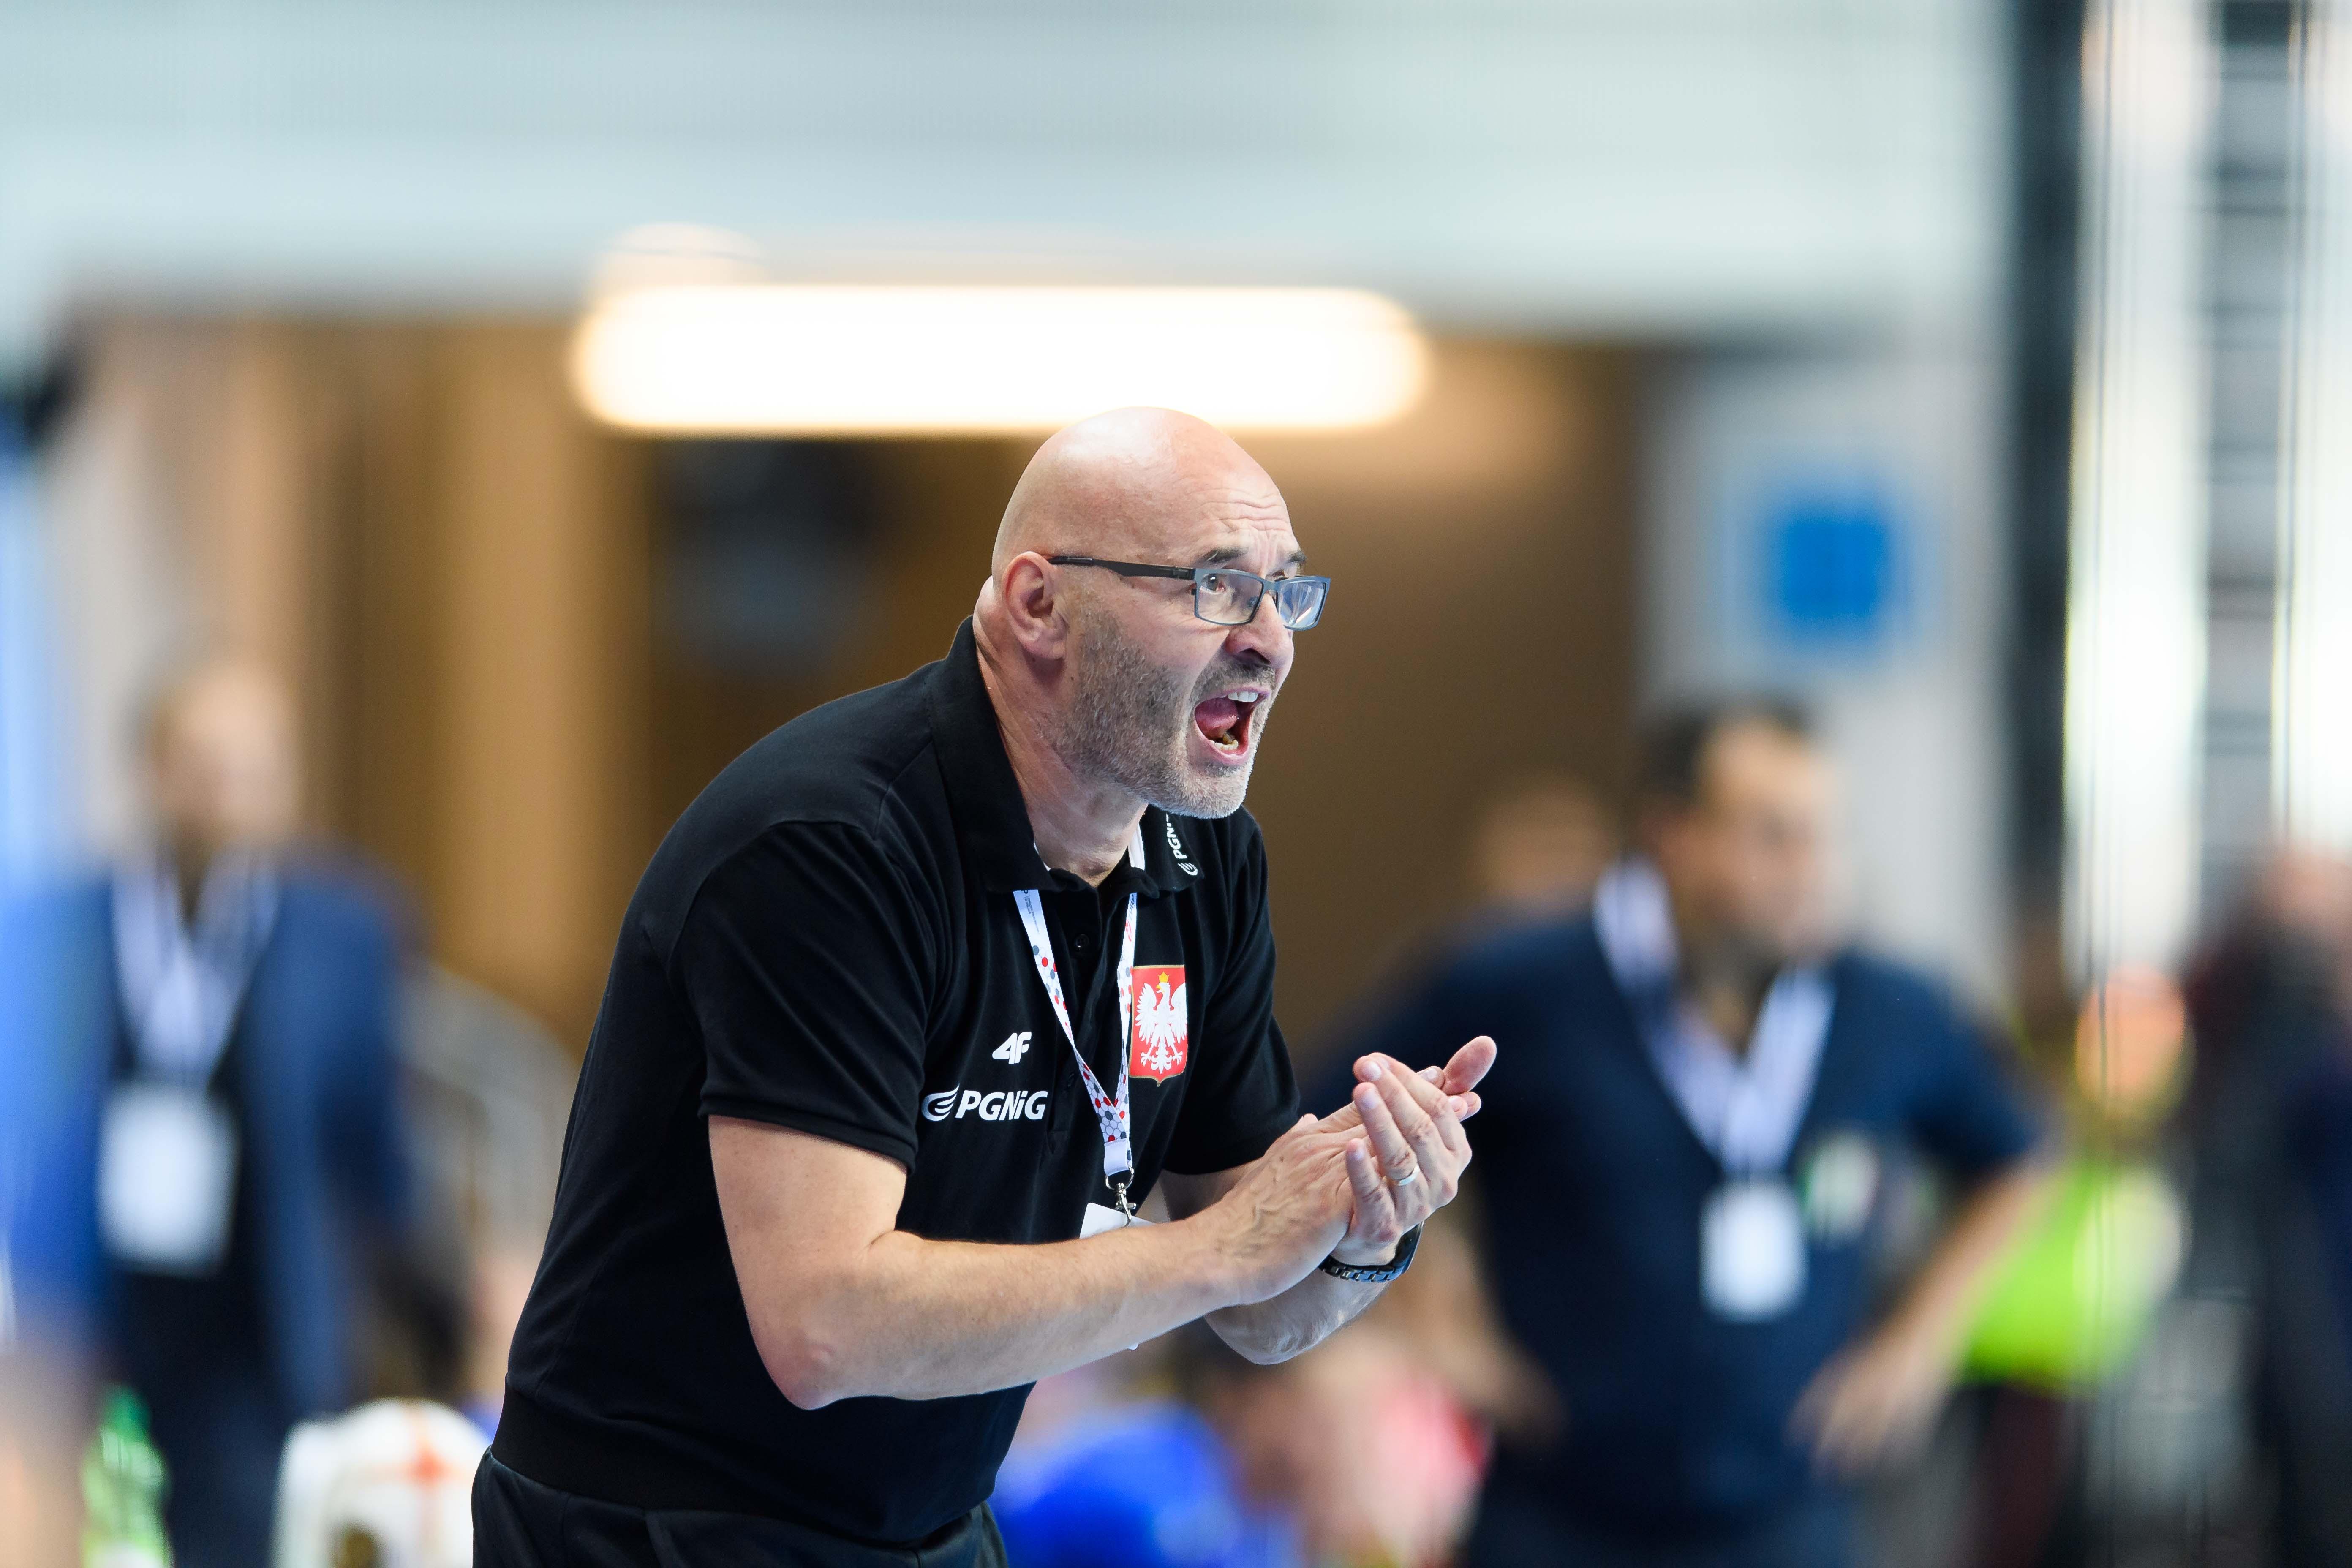 2017.09.27 Lubin Pilka Reczna Kwalifikacje do Mistrzostw Europy EHF 2018 Polska - Wlochy N/z Leszek Krowicki Foto Pawel Andrachiewicz / PressFocus 2017.09.27 Lubin Handball 2018 Women's European Championship Qualification Poland - Italy Leszek Krowicki Credit: Pawel Andrachiewicz / PressFocus